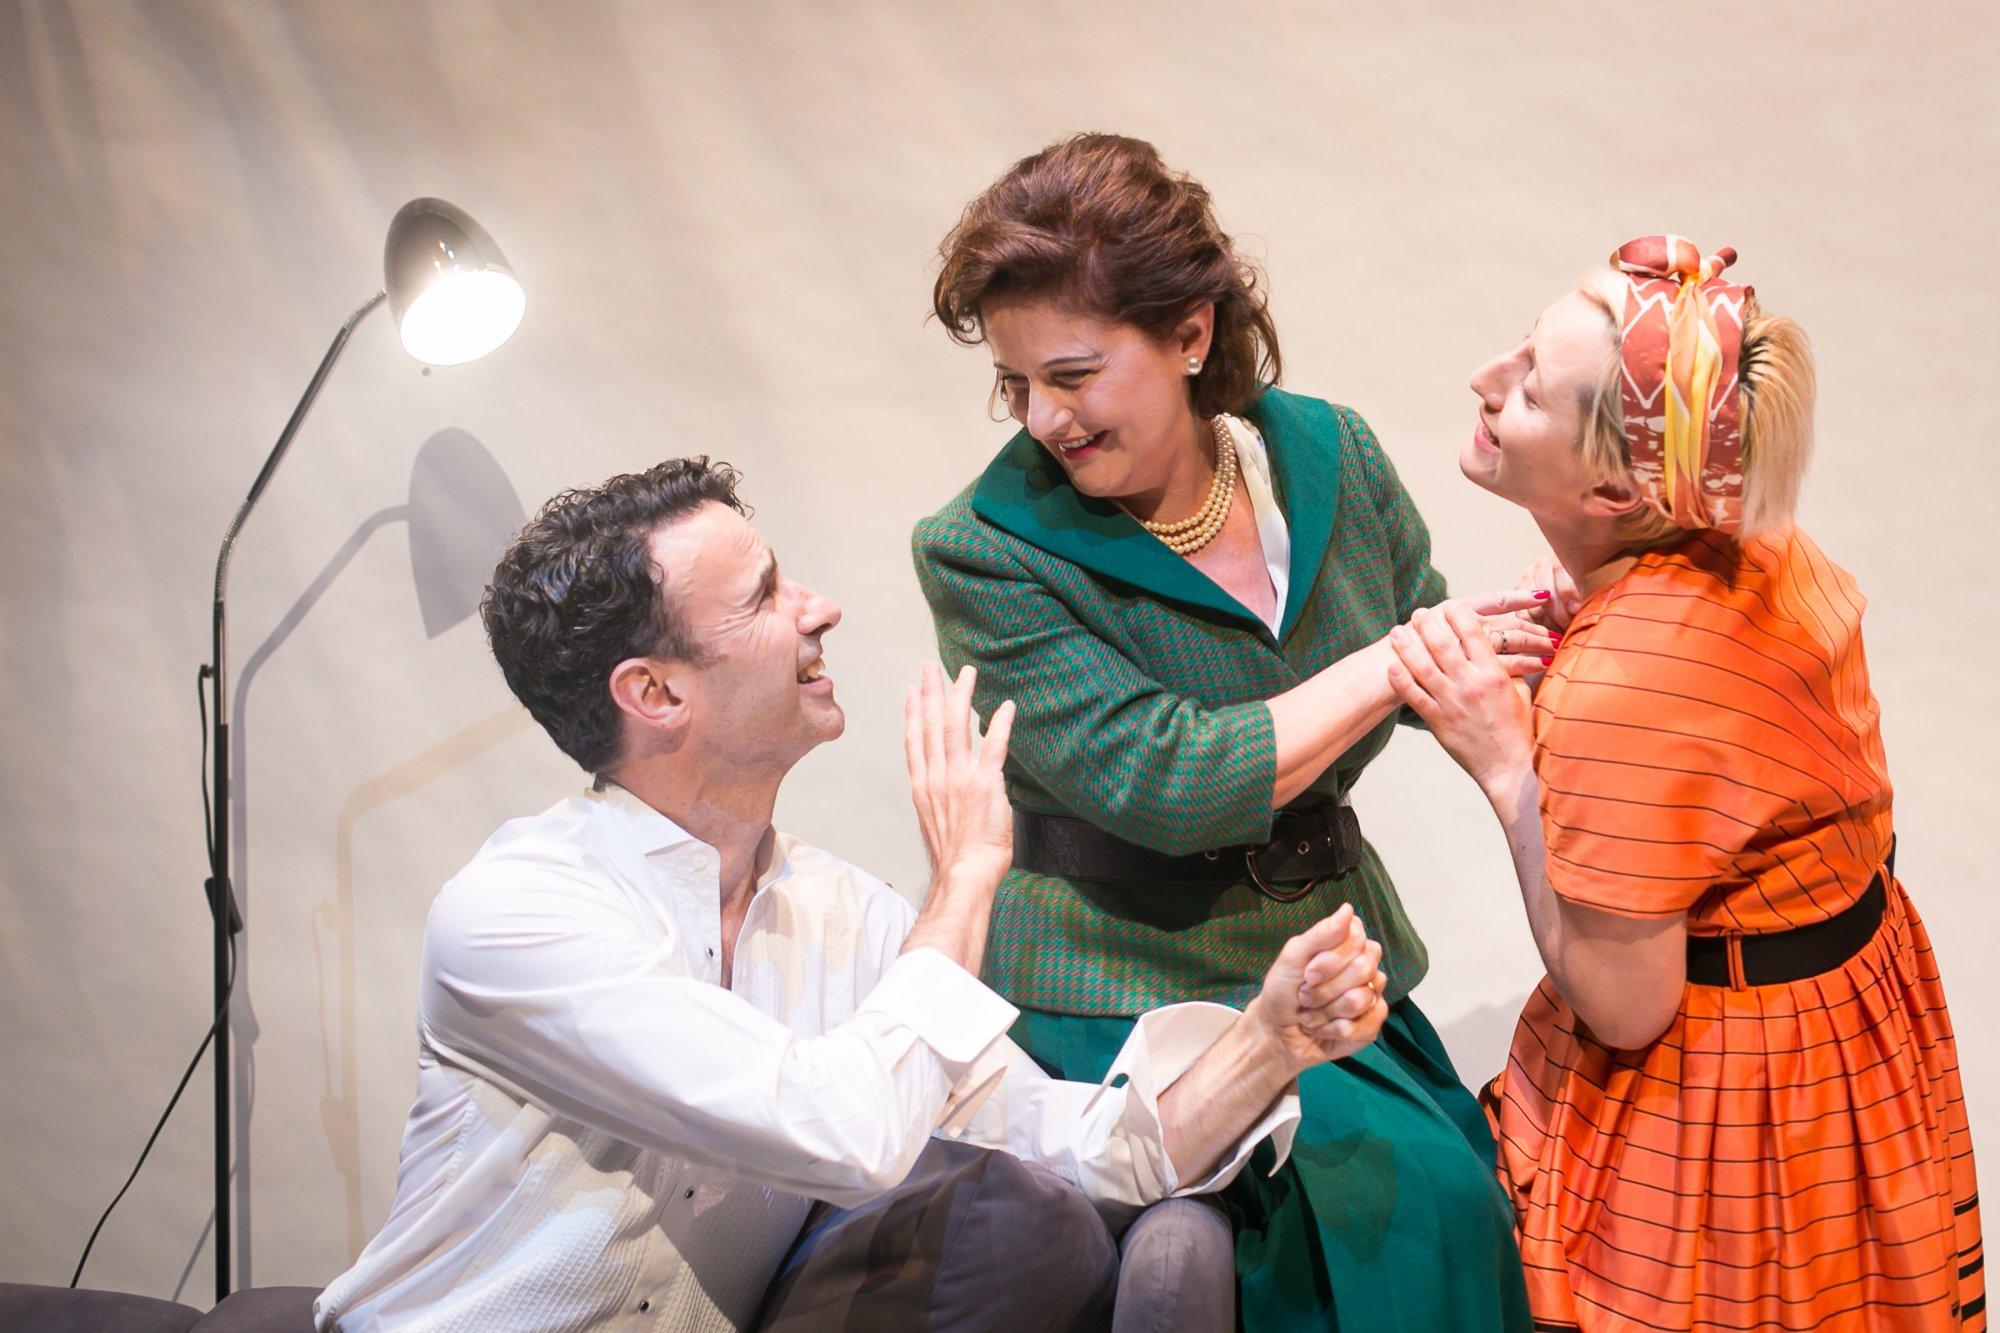 Tobias Cole as Ambrose, Sonia Todd as Edith, Kiki Skountzos as Amelia